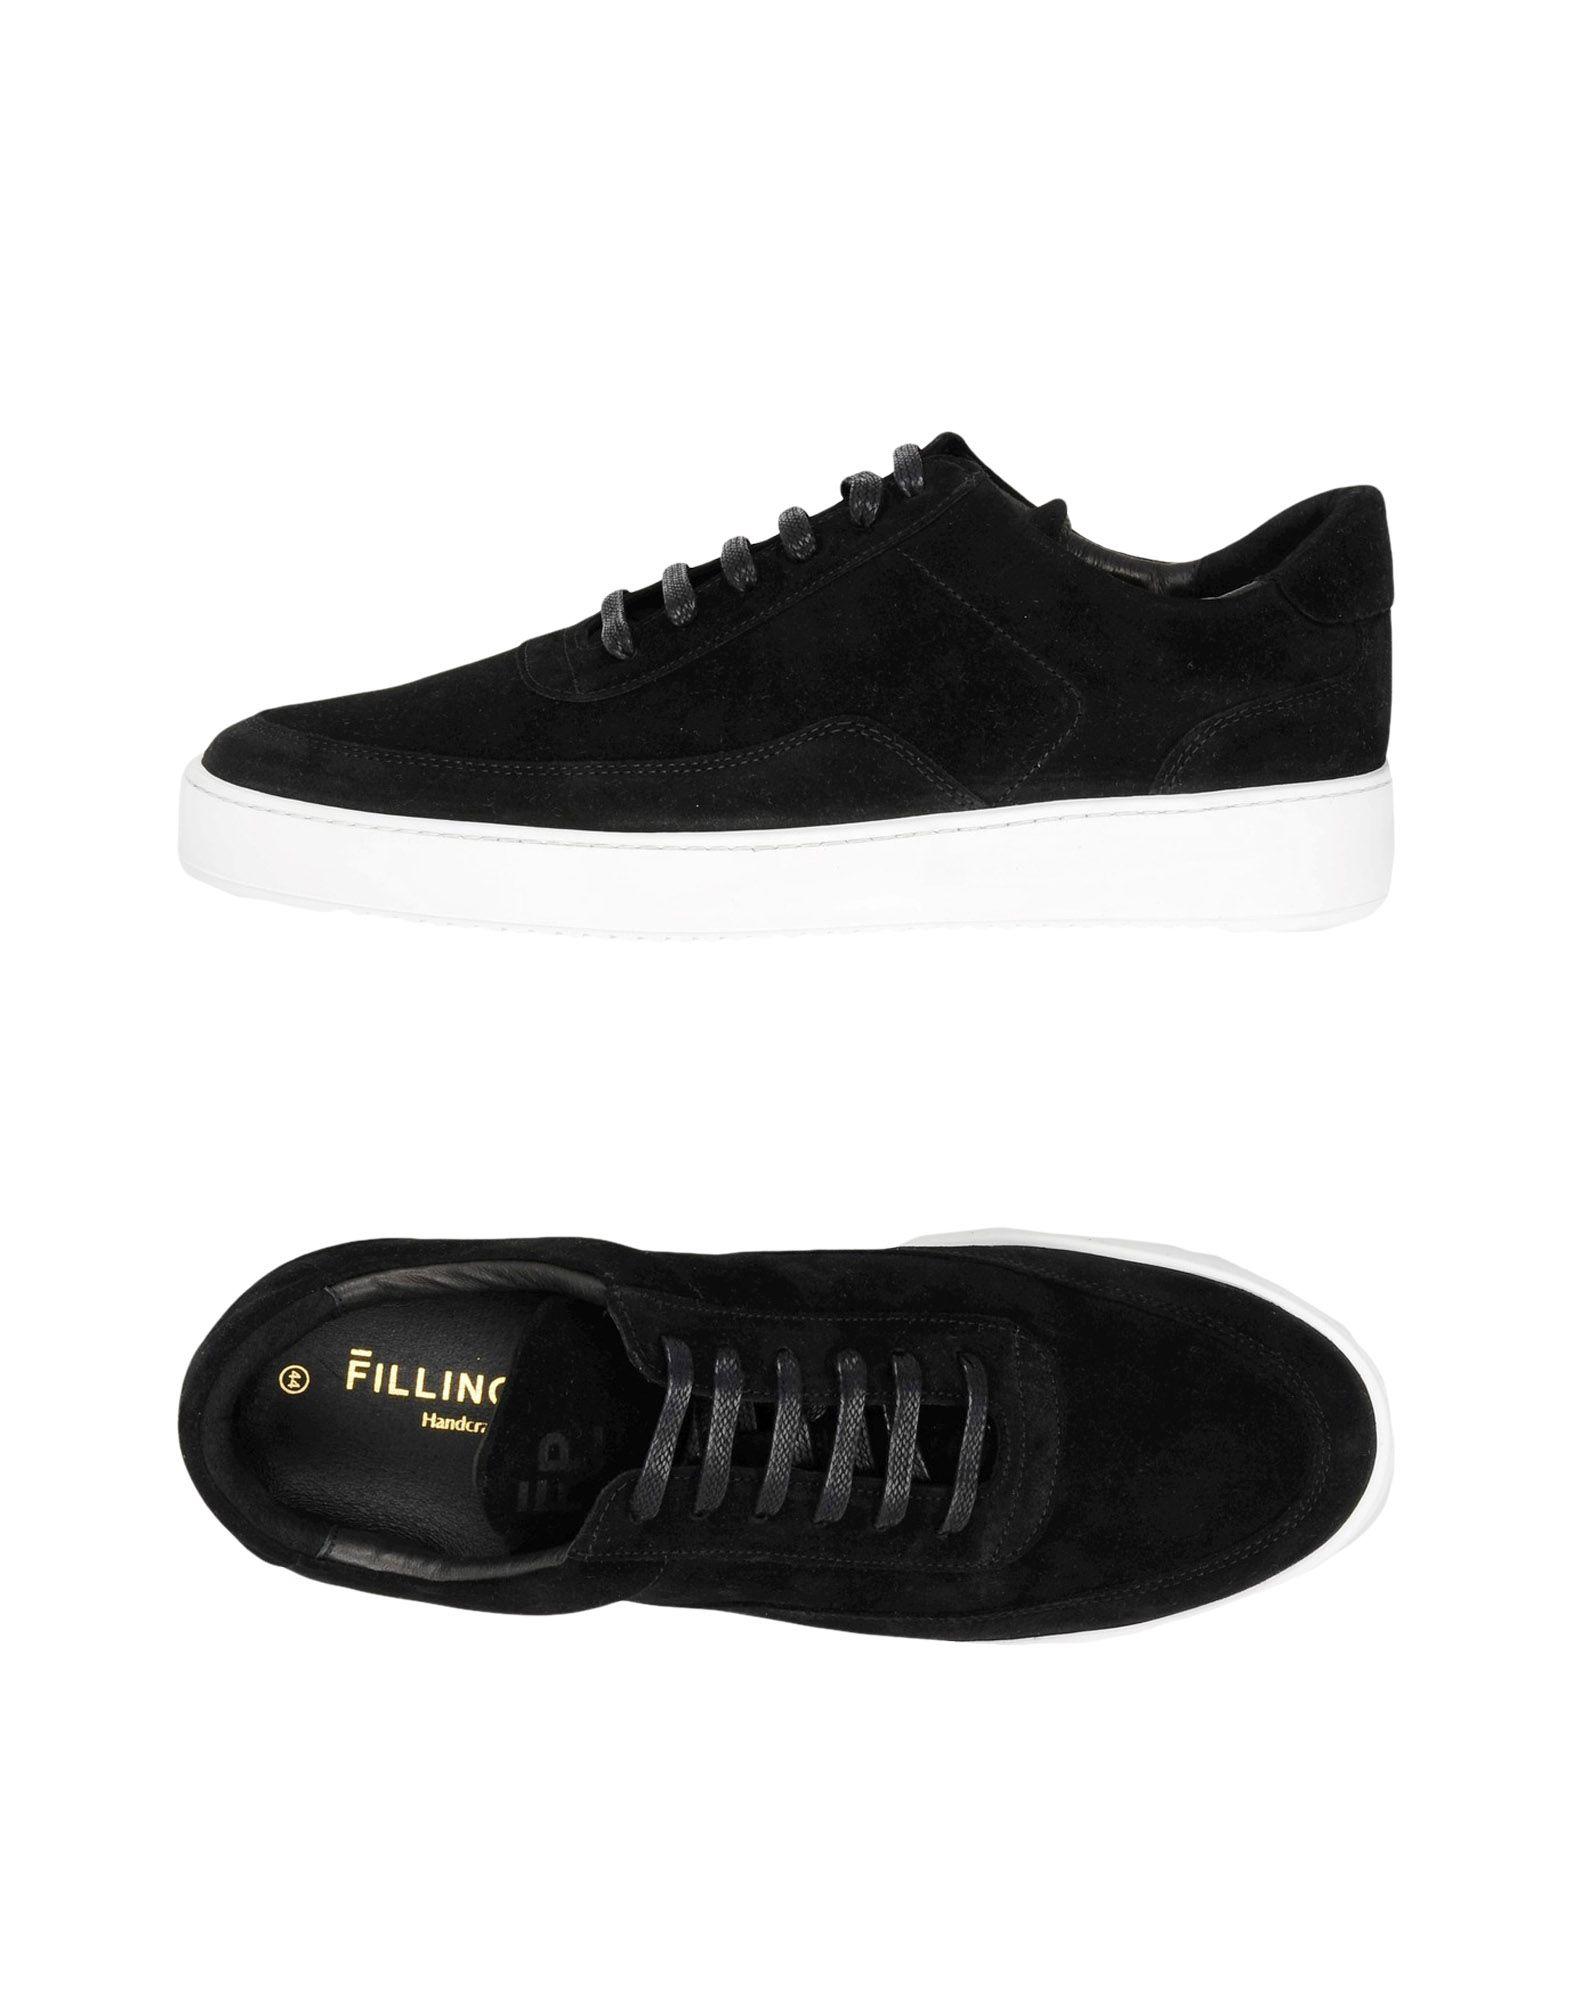 Sneakers Filling Pieces Low Mondo Ripple Nardo Suede Black - Uomo - Acquista online su